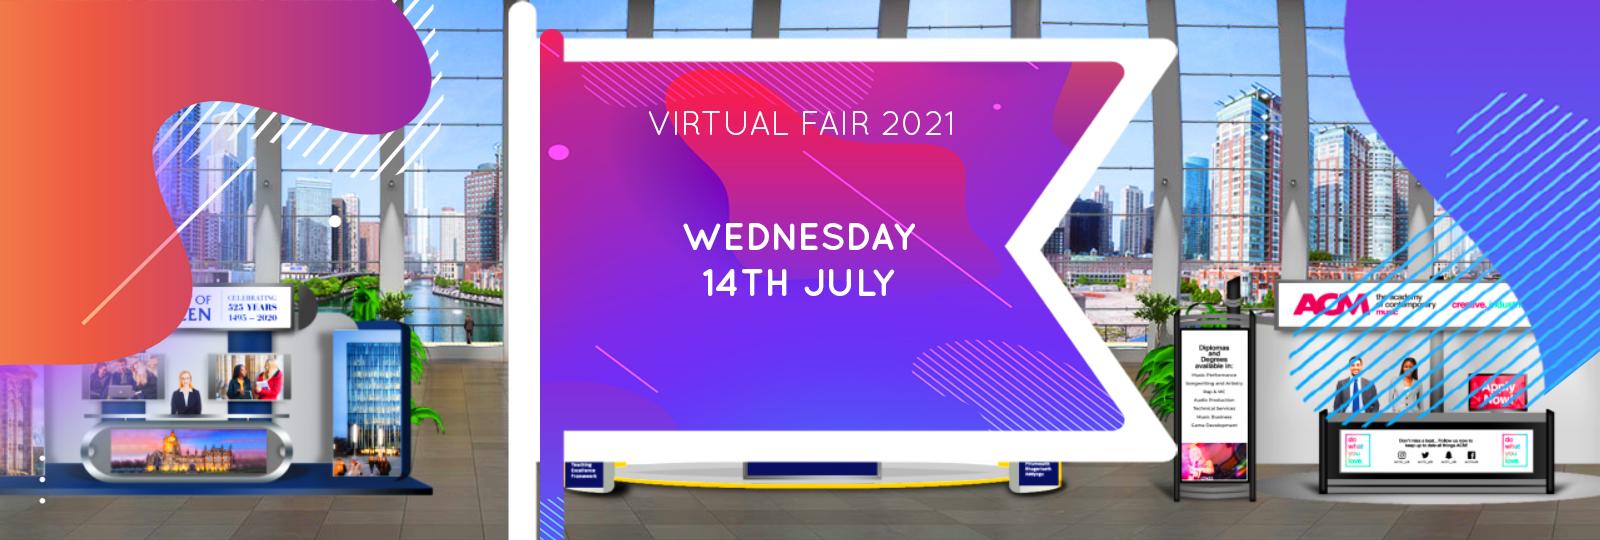 Virtual Summer Fair